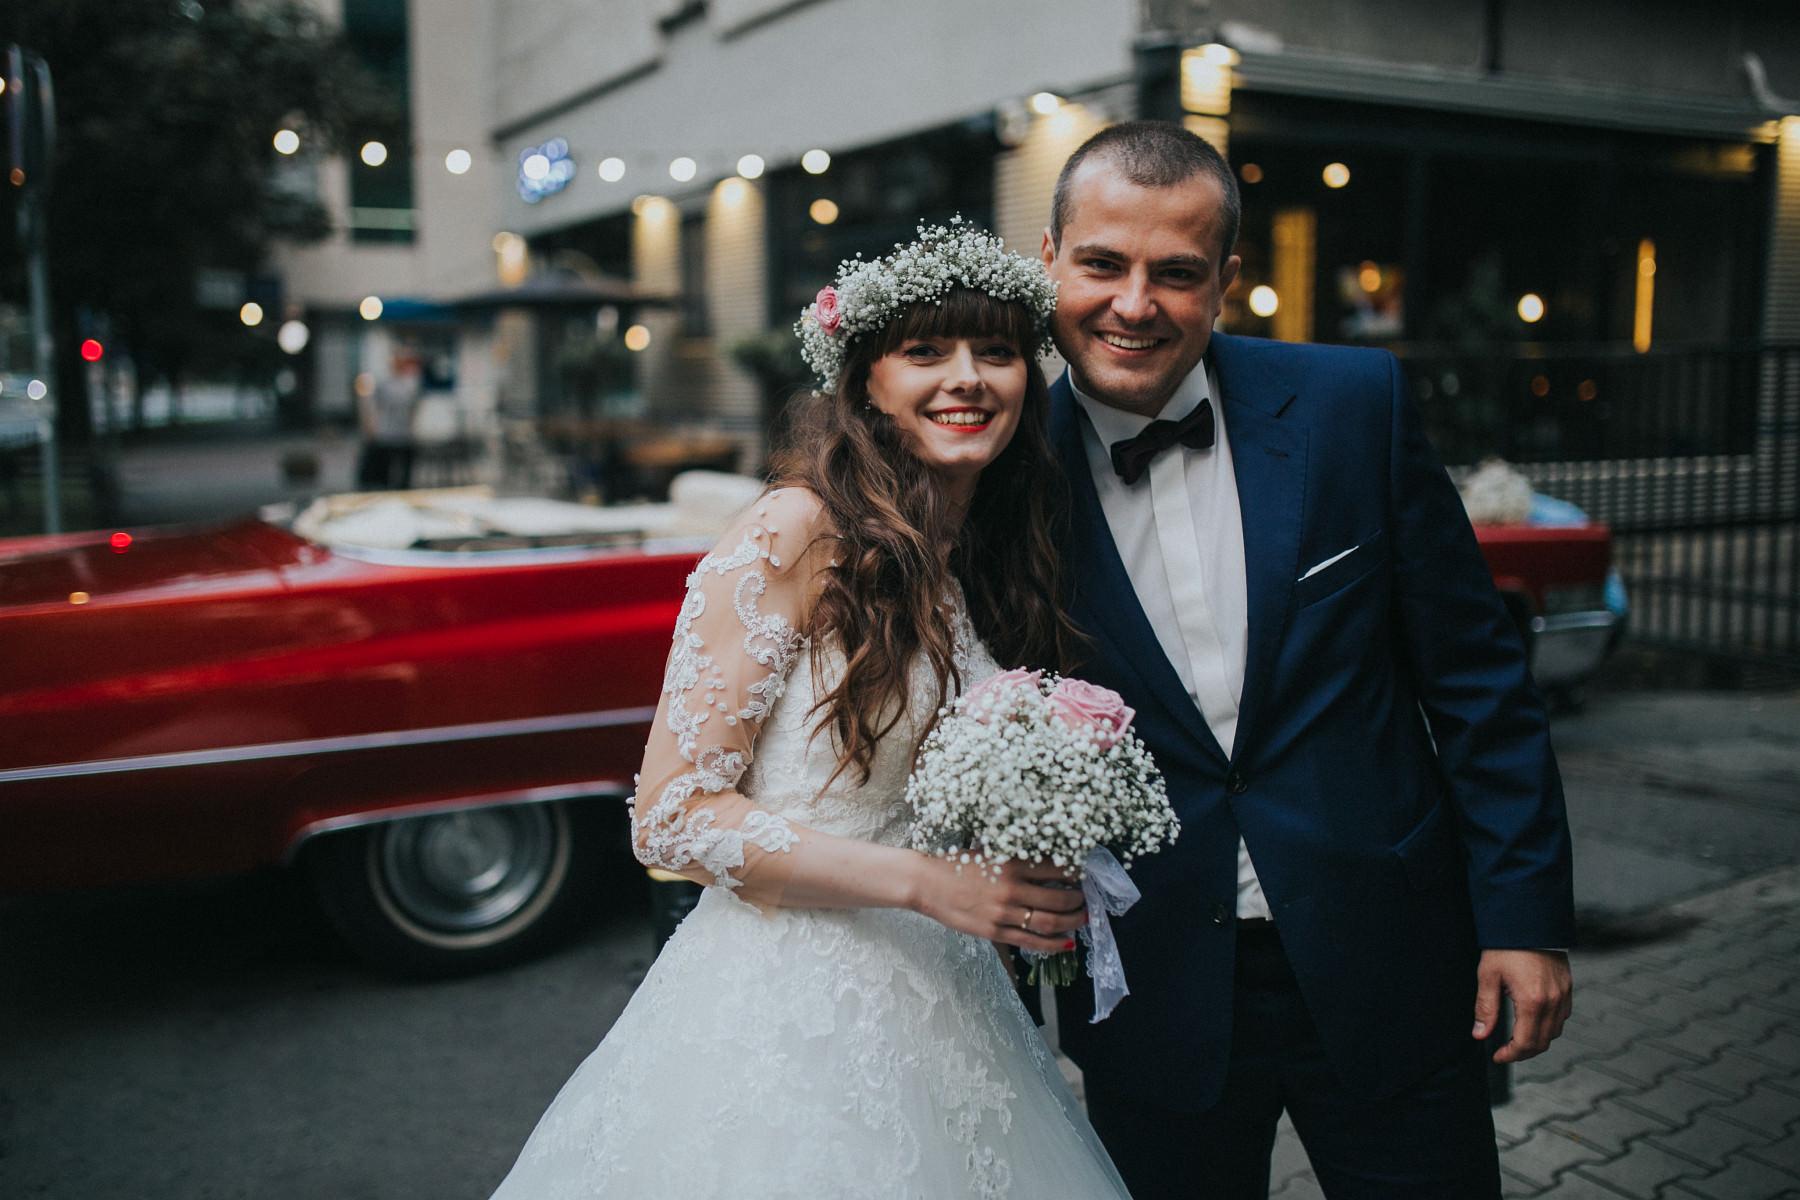 Emilka & Paweł | Fotografia ślubne Warszawa | Reportaż